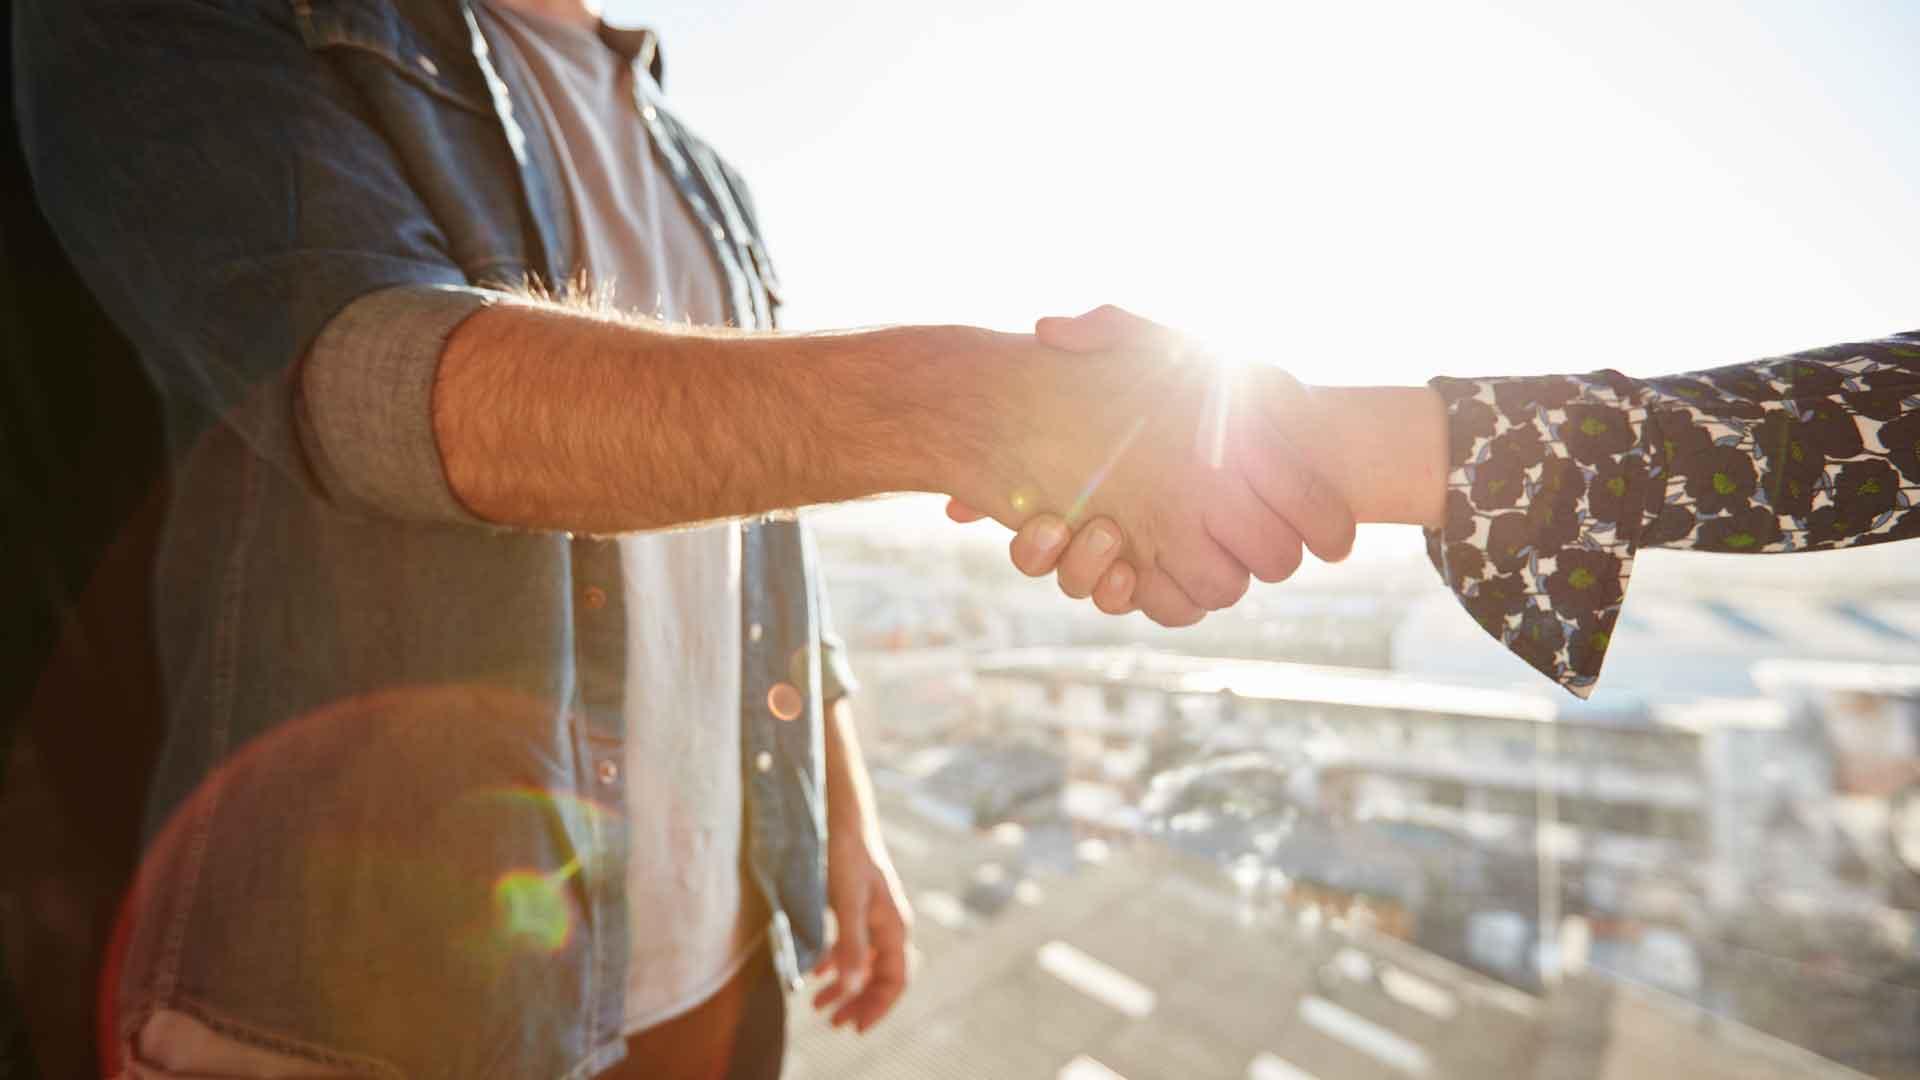 Auburn-Sky-Landscaping-Handshake.jpg